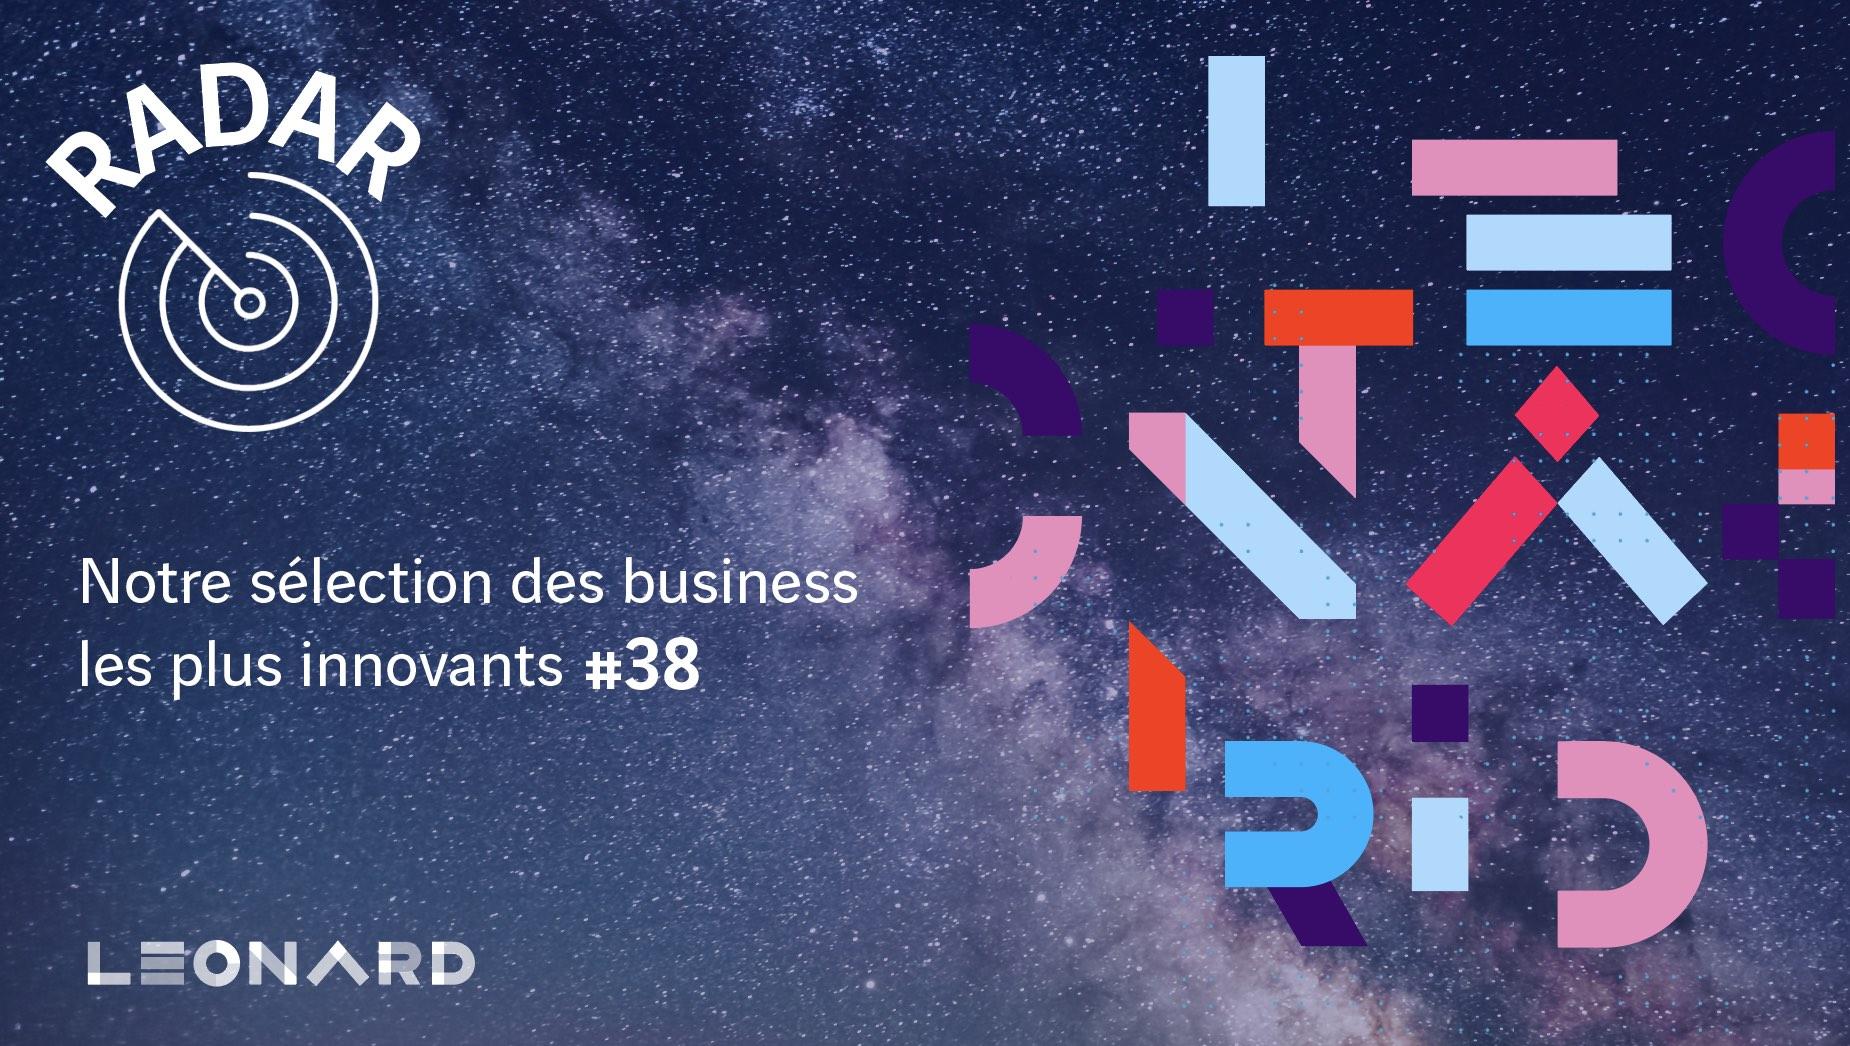 Radar – Notre sélection de business innovants #38